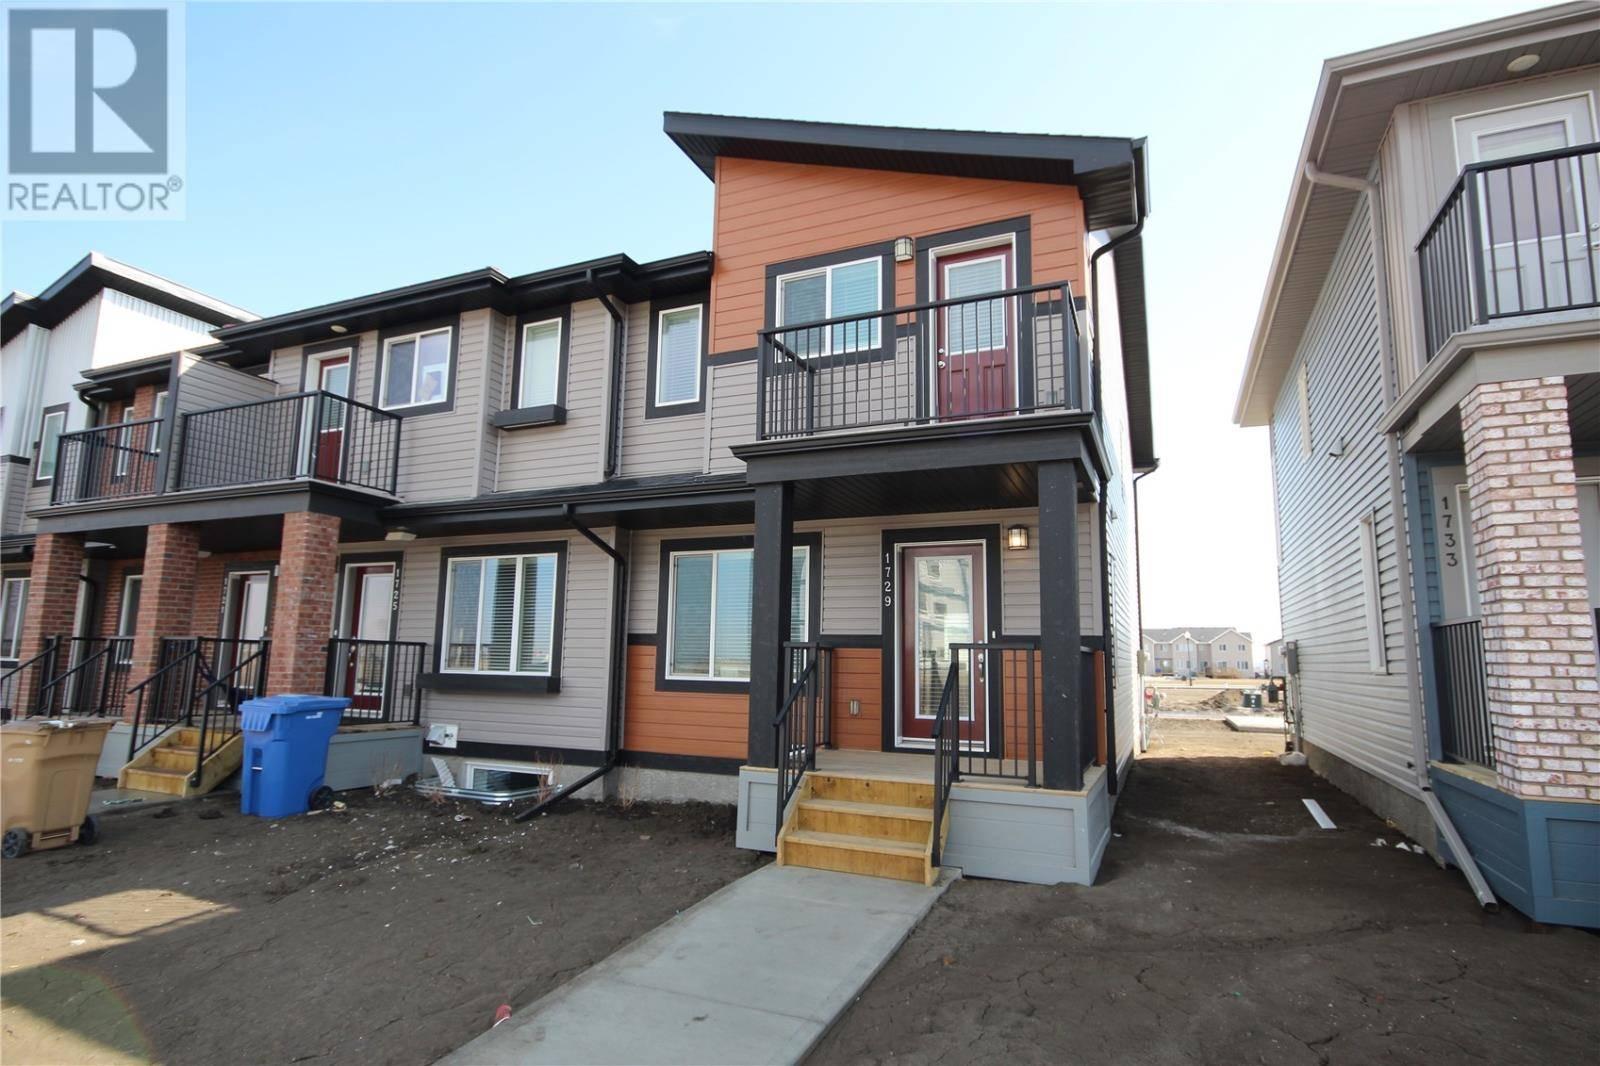 Townhouse for sale at 1729 Red Spring St Regina Saskatchewan - MLS: SK763608